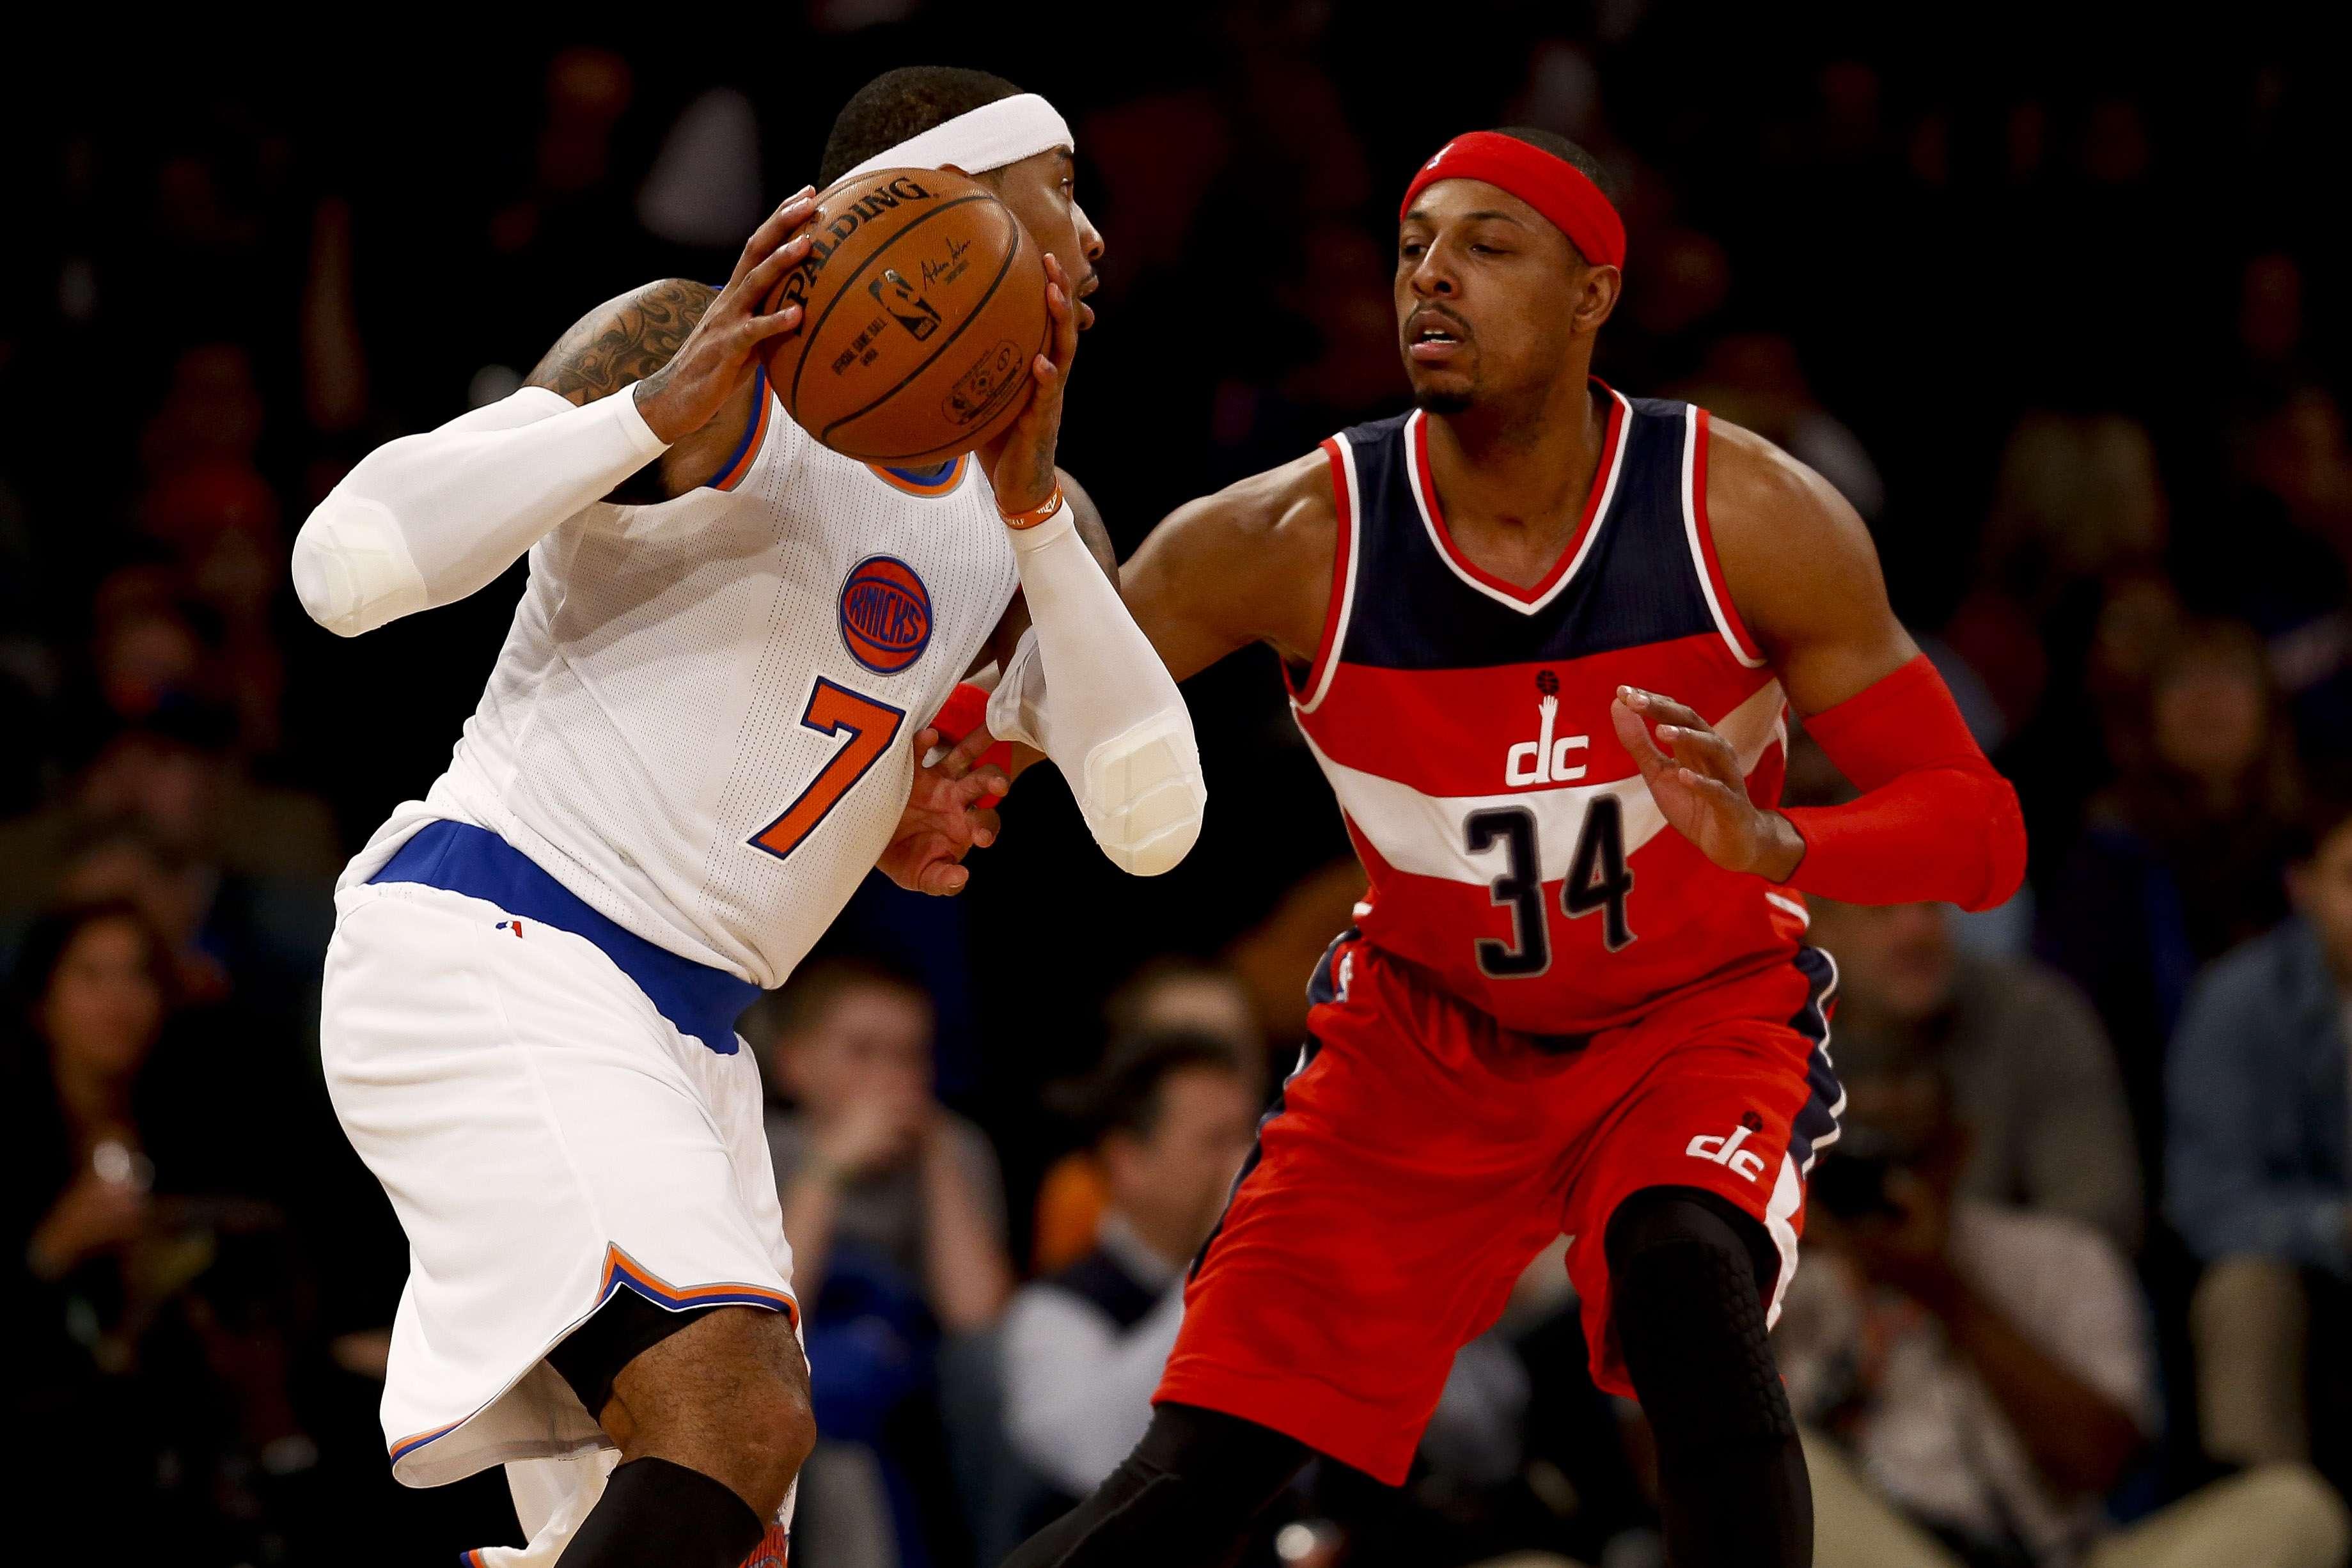 Los 34 puntos de Carmelo Anthony no fueron suficientes. Foto: Getty Images